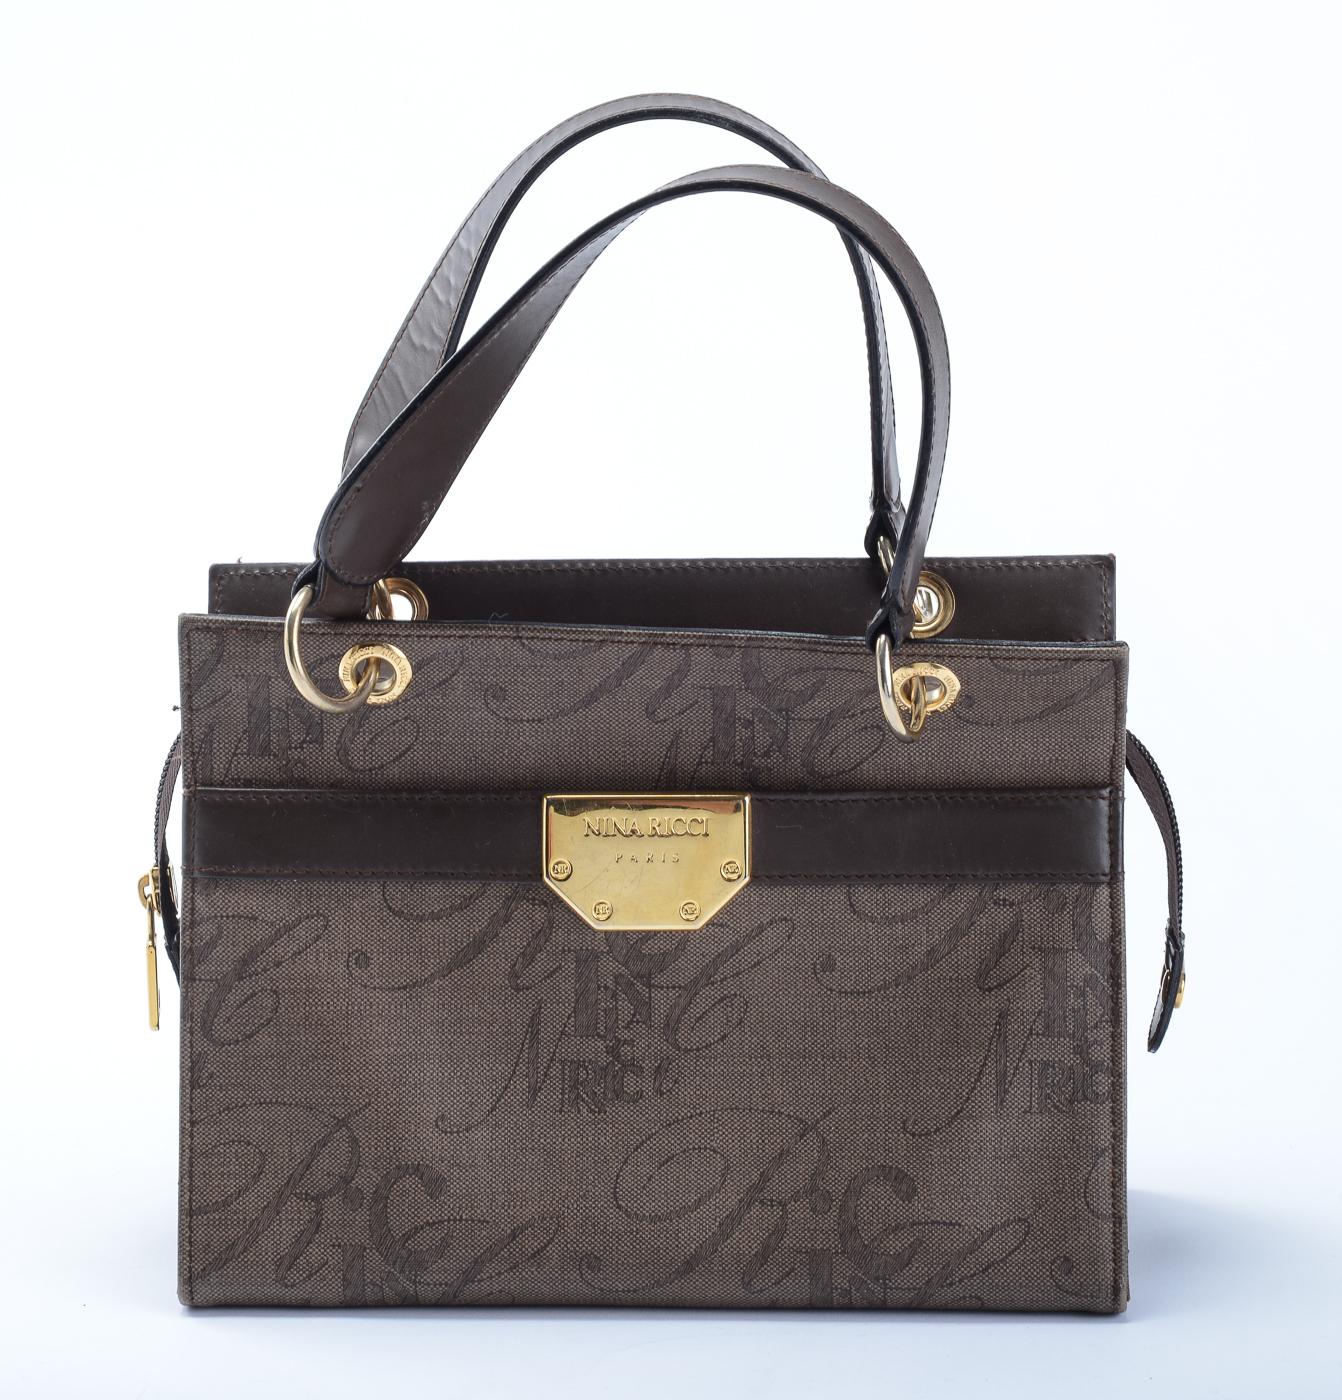 Nina Ricci, håndtaske - Nina Ricci, vintage håndtaske af vinyl med detaler af forgyldt metal. H. 18 cm, B. 24 cm, D. 10,5 cm